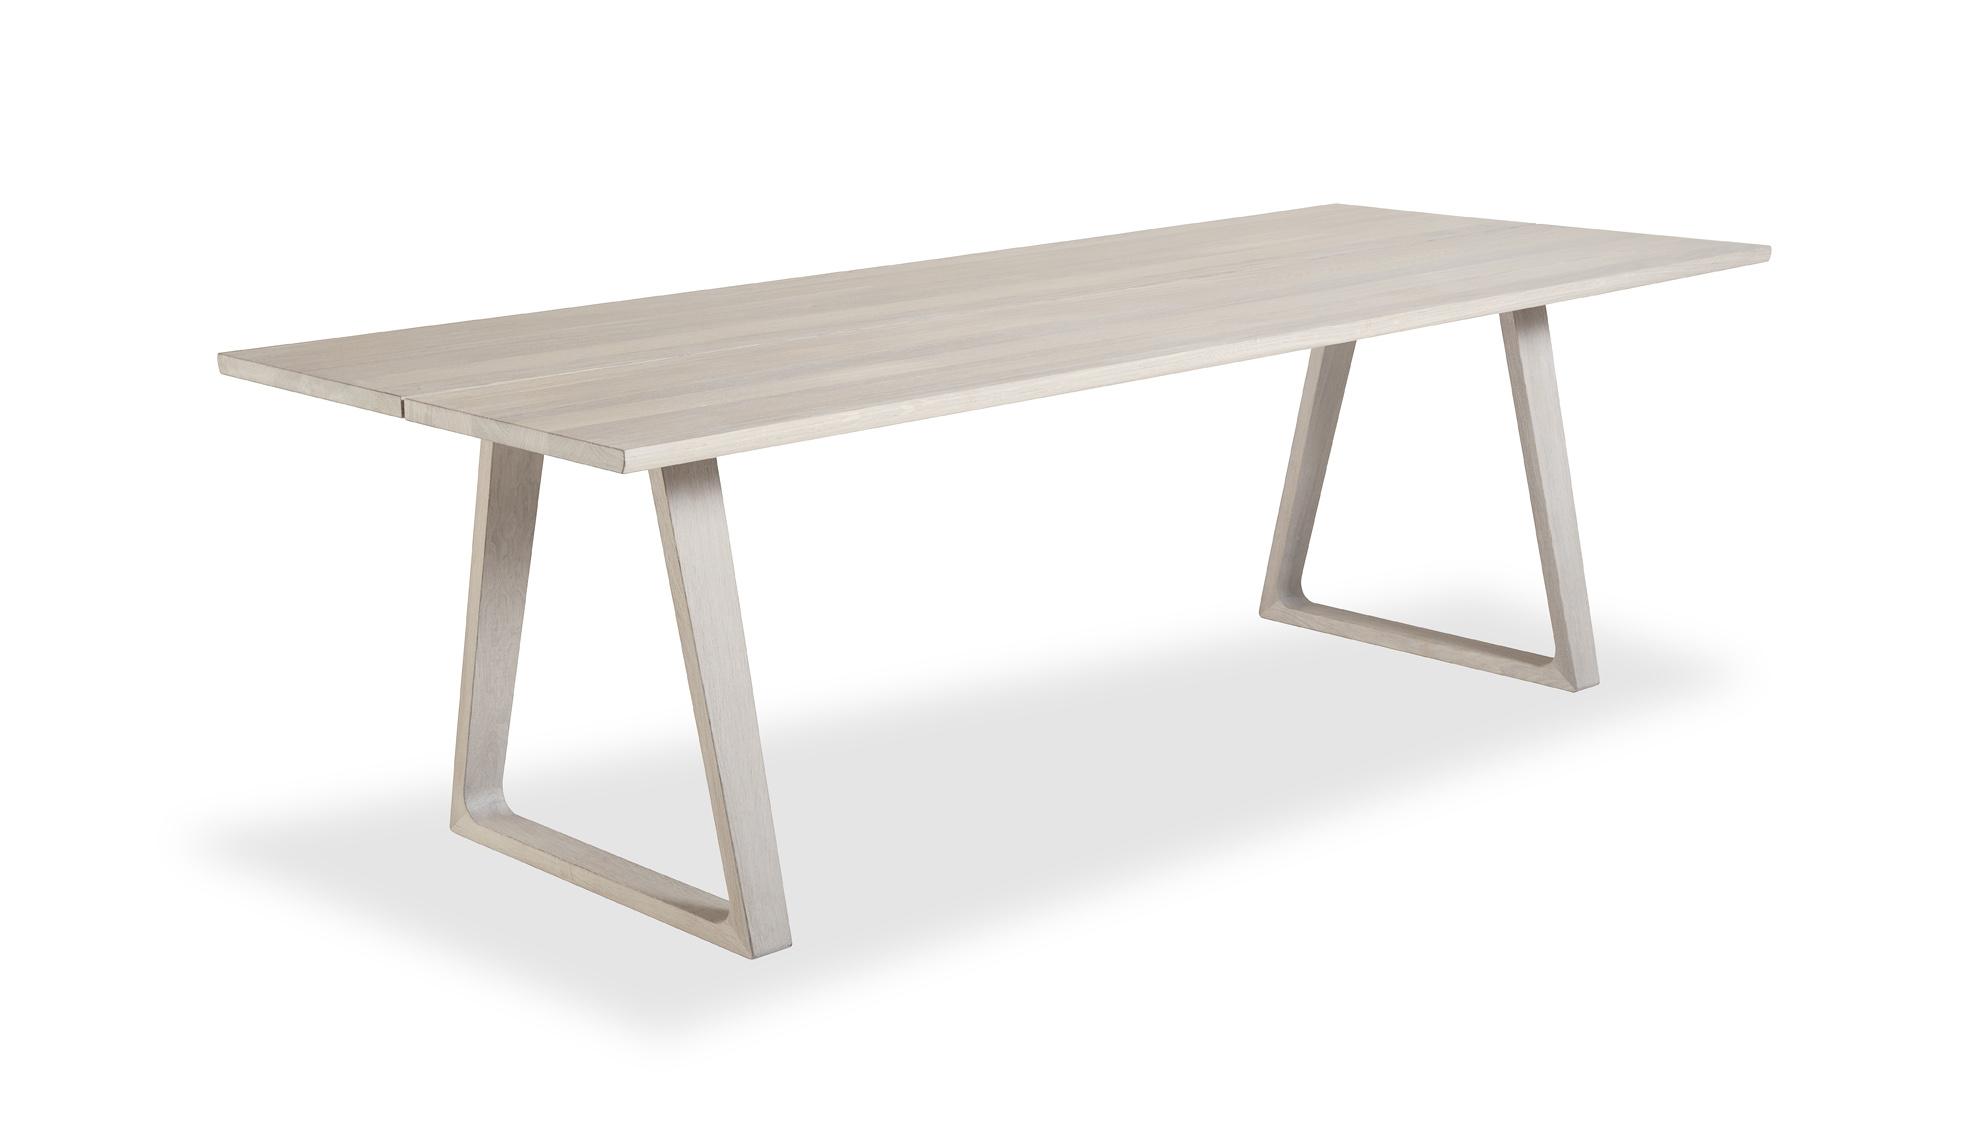 - På undersiden av bordplaten er det to fester til bena, slik at man kan velge hvor man vil plassere bordbena avhengig av om man vil ha tre eller fire stoler på langsiden, altså to eller tre stoler mellom bordbena, sier møbelforhandler Henning Krosby.